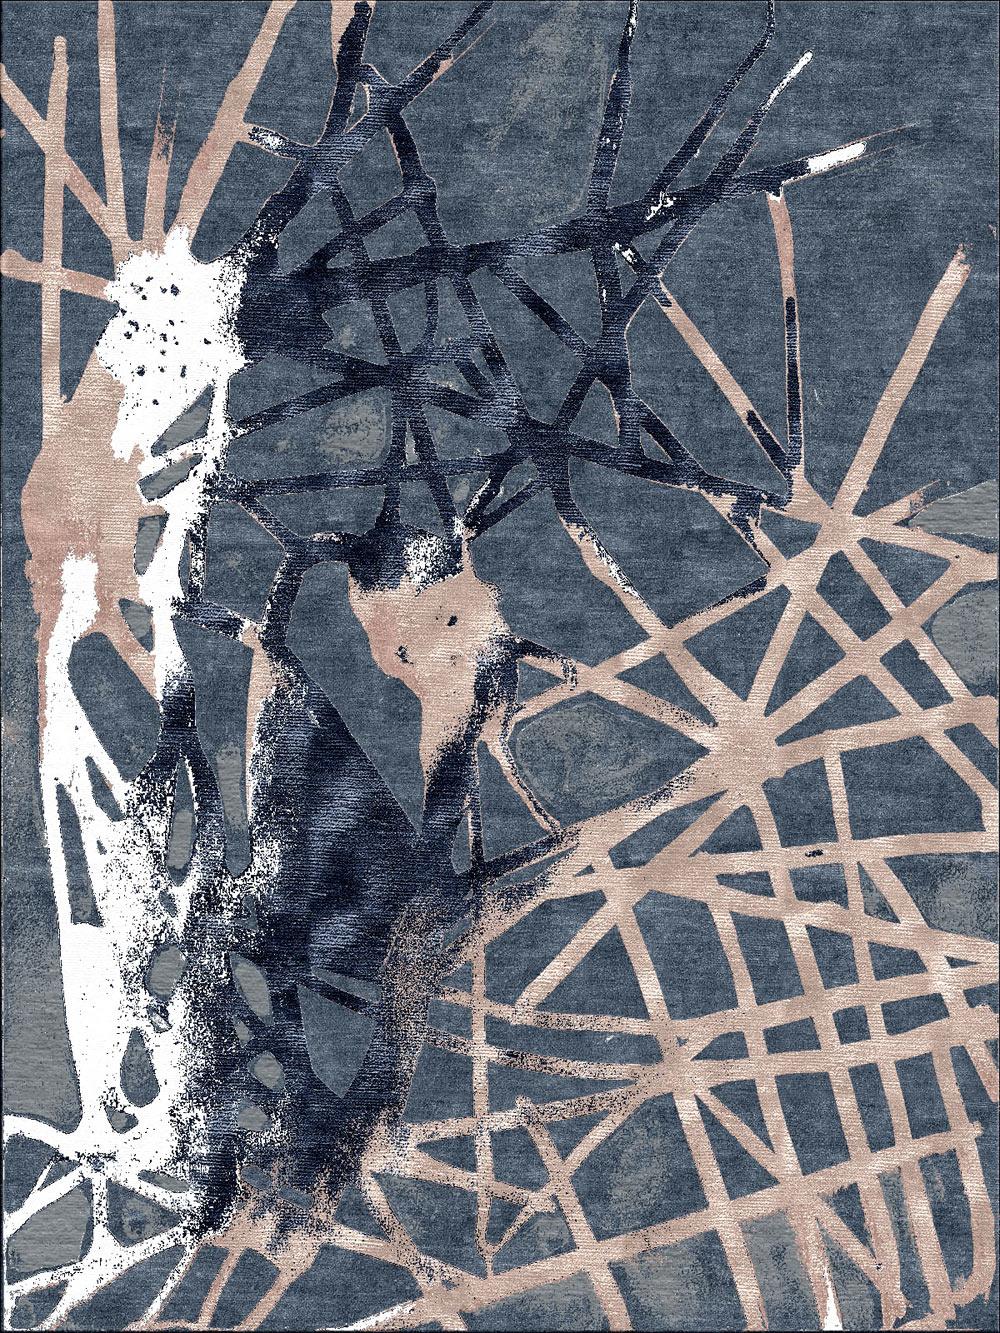 Jonas Bergkvist - Kaleidoscope